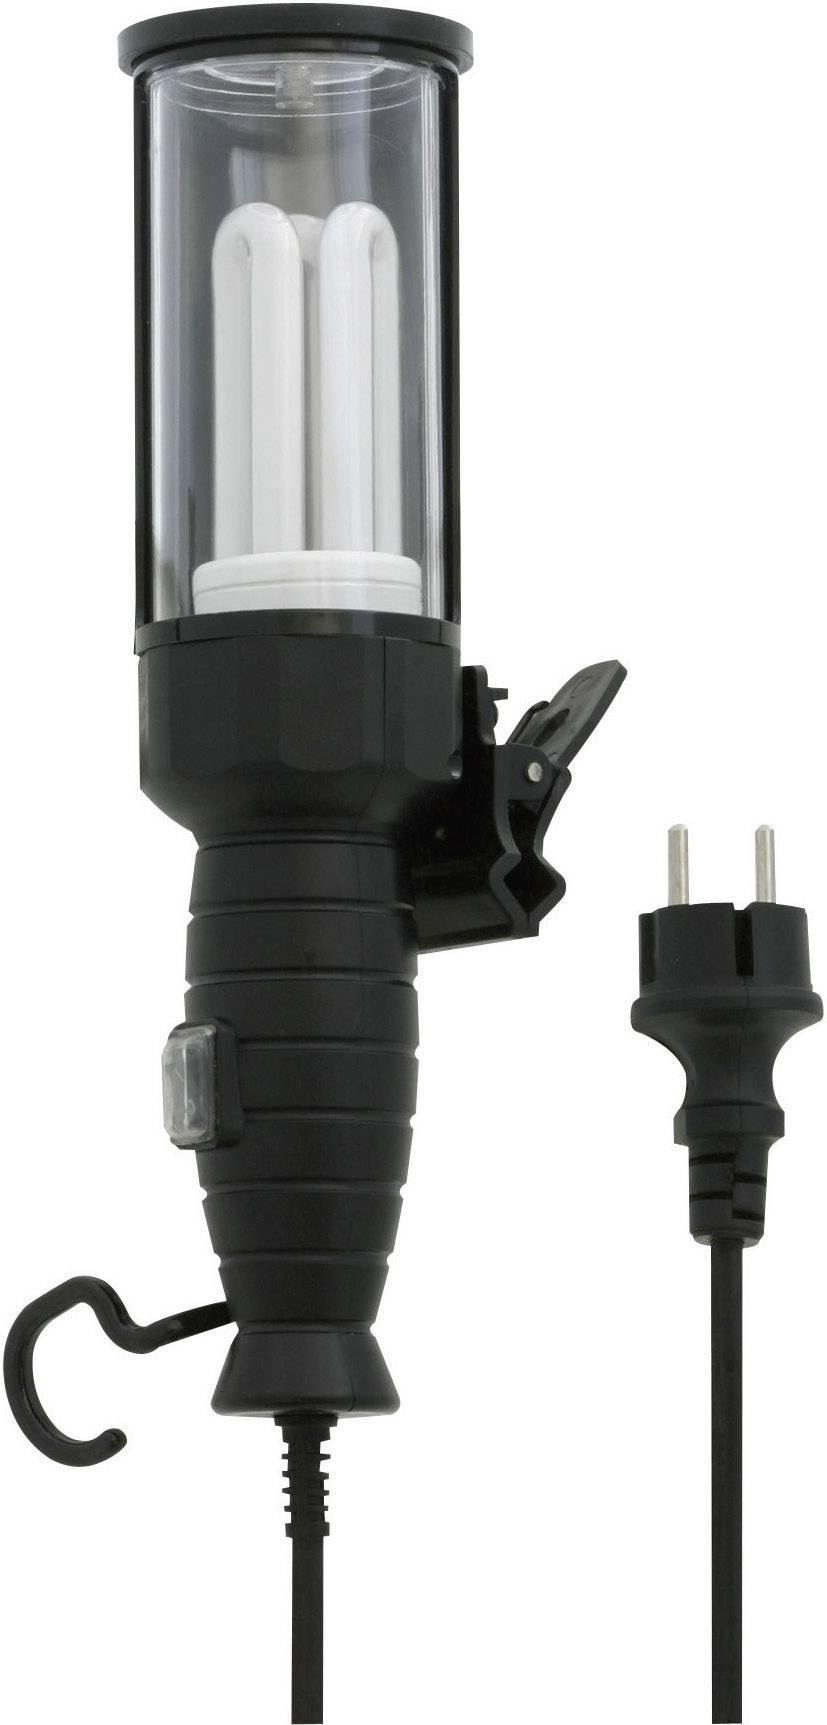 Pracovné svietidlo s úspornou žiarovkou IP44